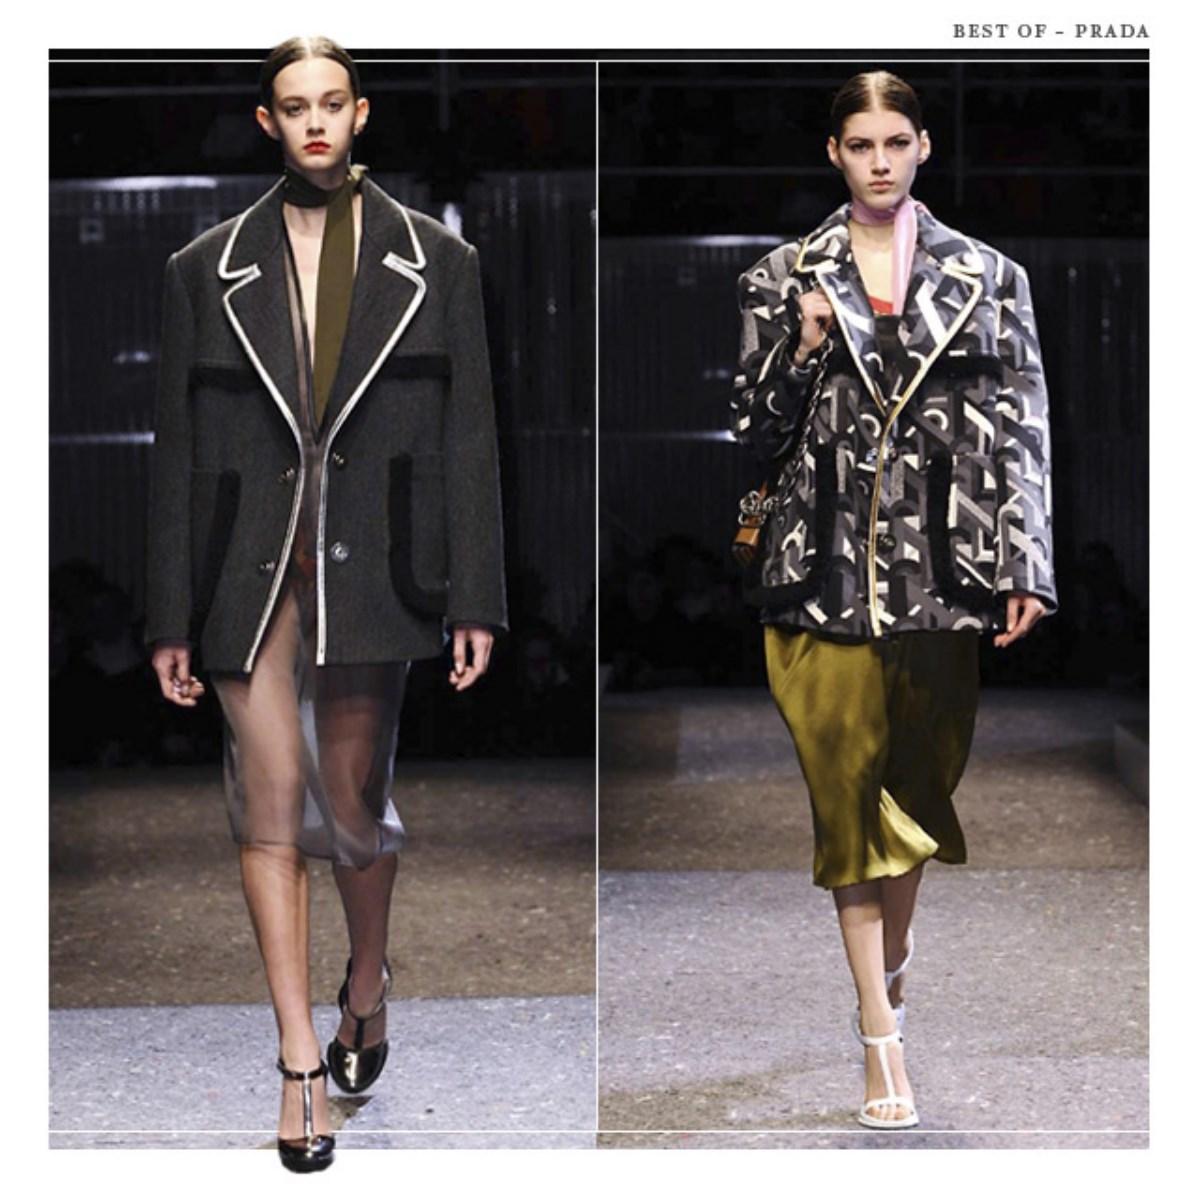 moda-acessorios-blaser-jaquetas